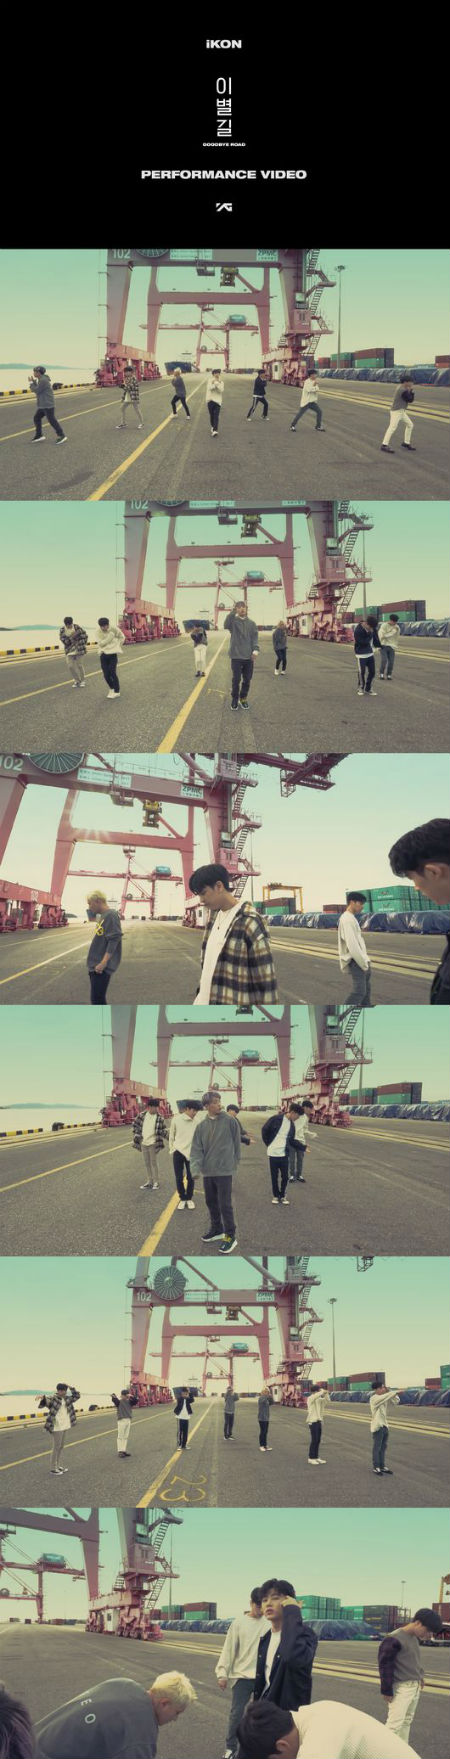 「iKON」が秋の感性が漂うパフォーマンス映像を公開した。(提供:OSEN)